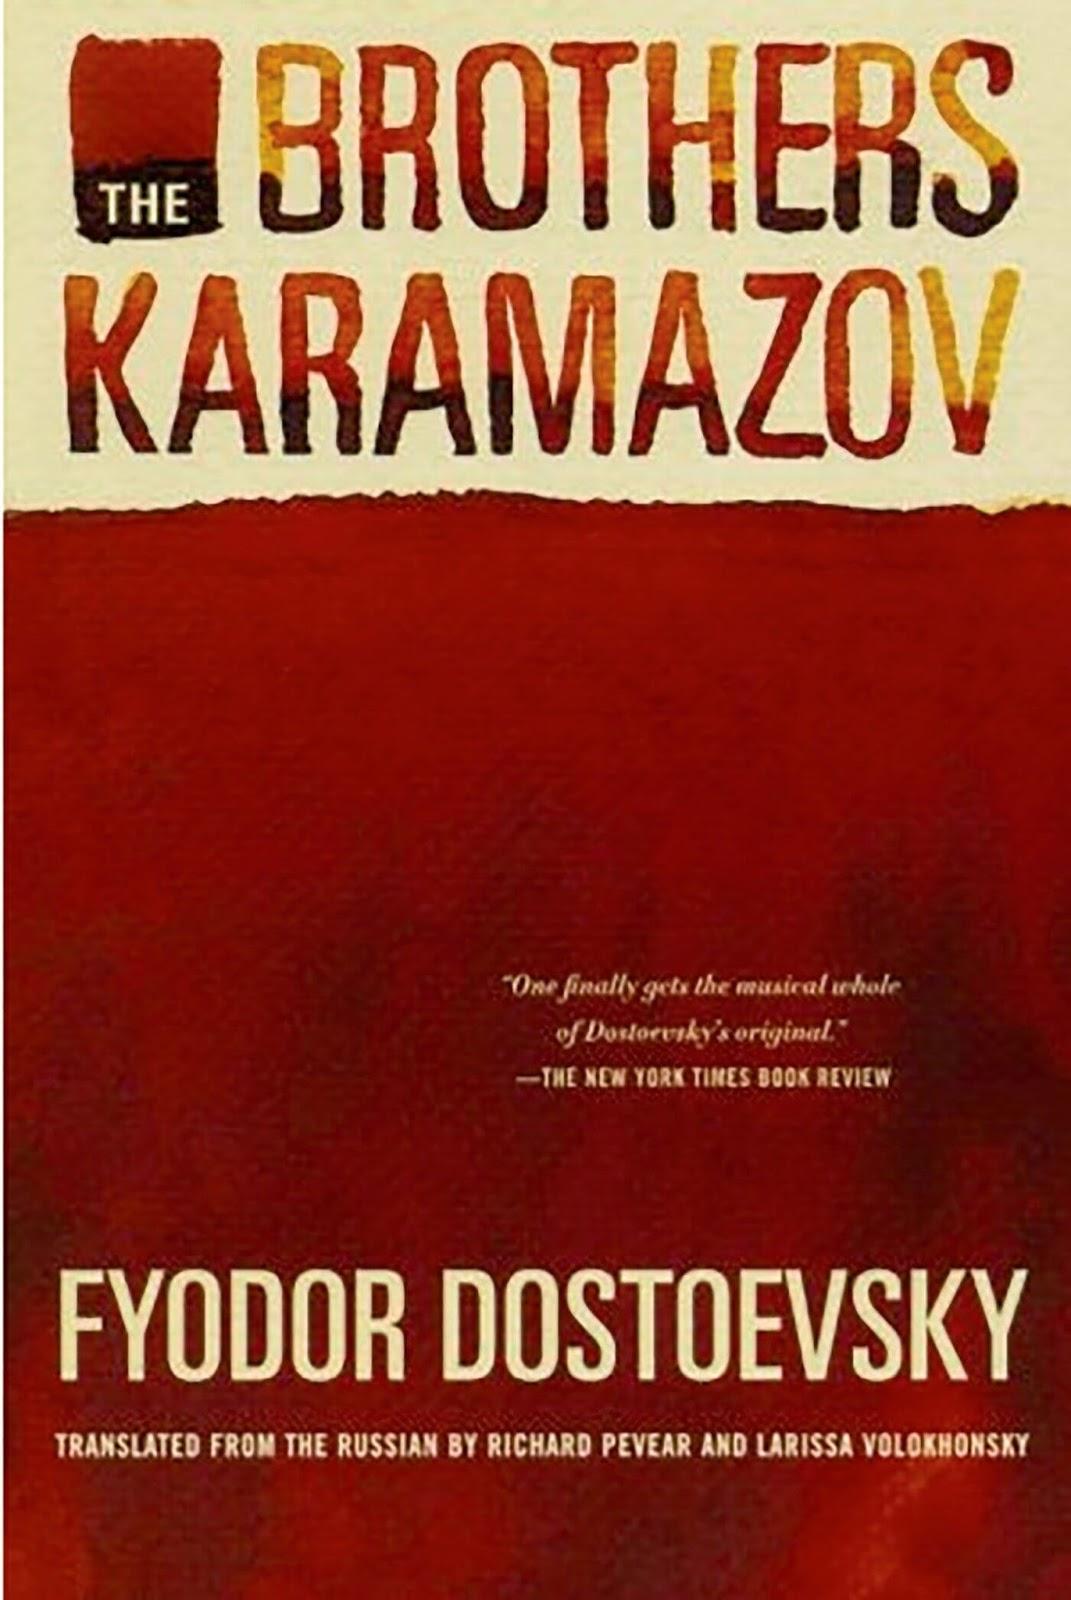 The brothers karamazov fyodor dostoyevsky download free ebook download the brothers karamazov fyodor dostoyevsky ebook fandeluxe Ebook collections